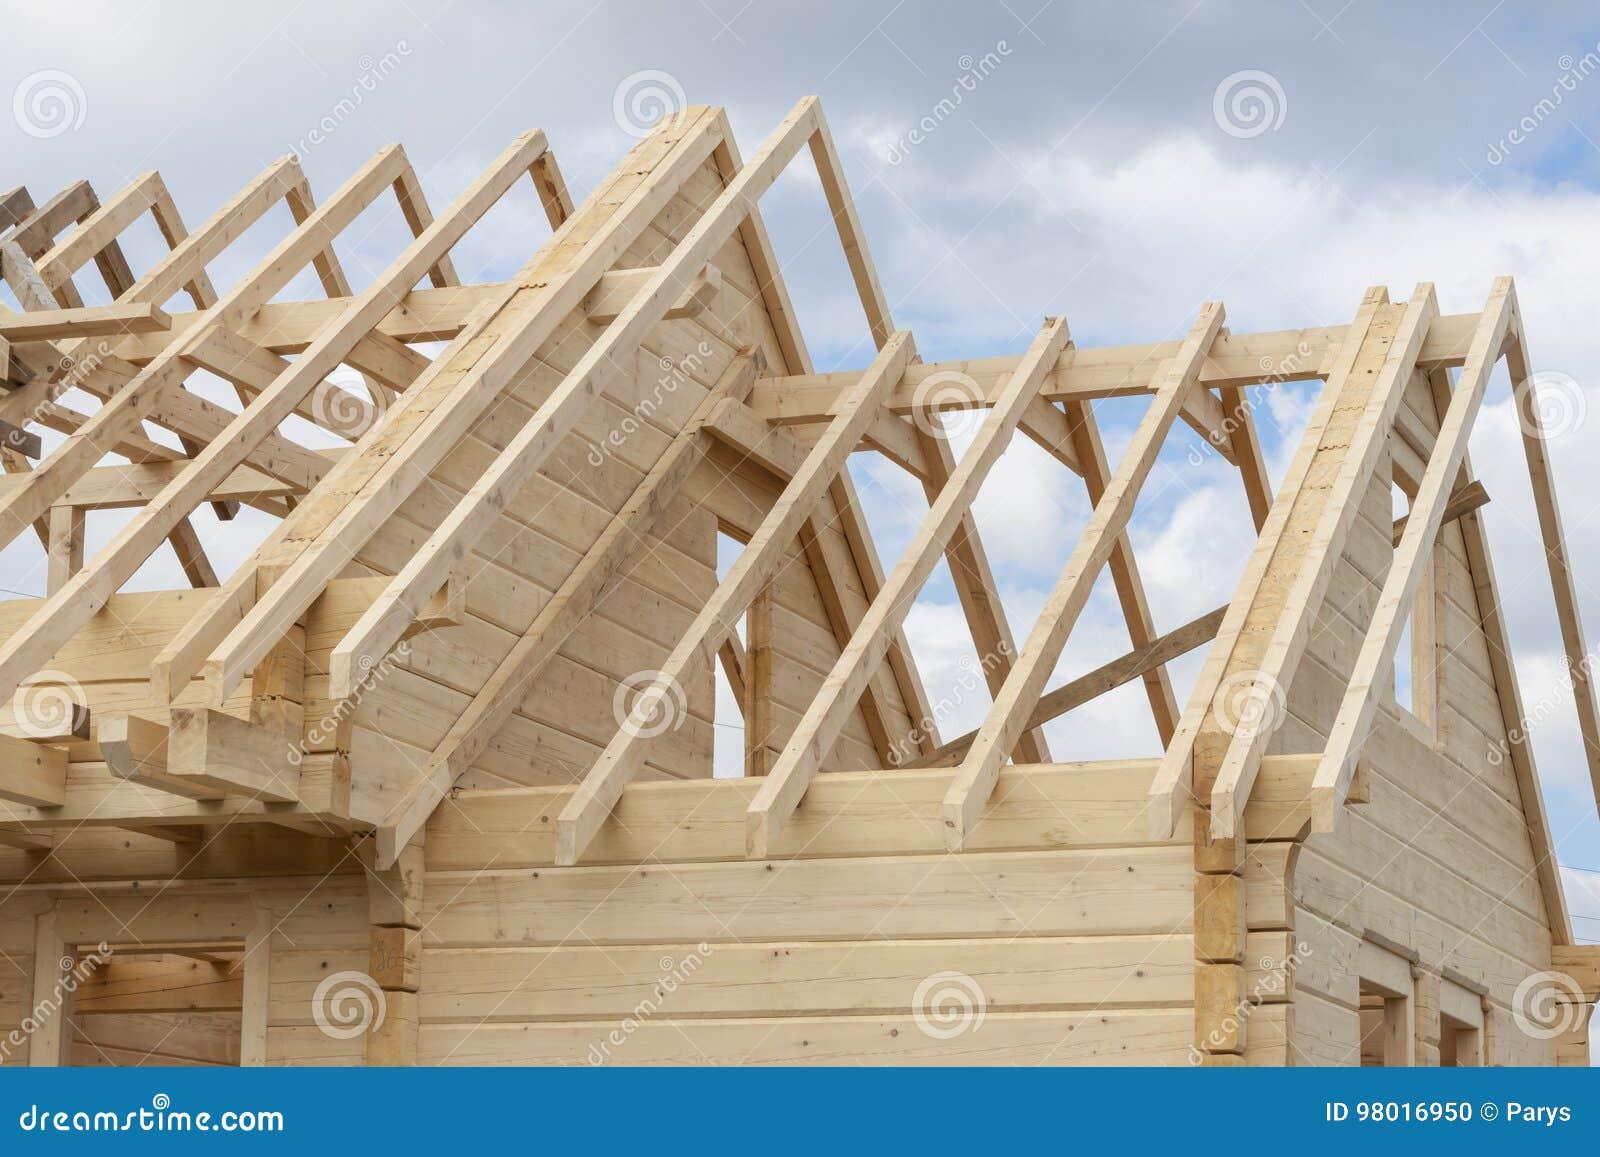 Estructura De Una Casa De Madera Bajo Construcción Foto De Archivo Imagen De Registro Braguero 98016950